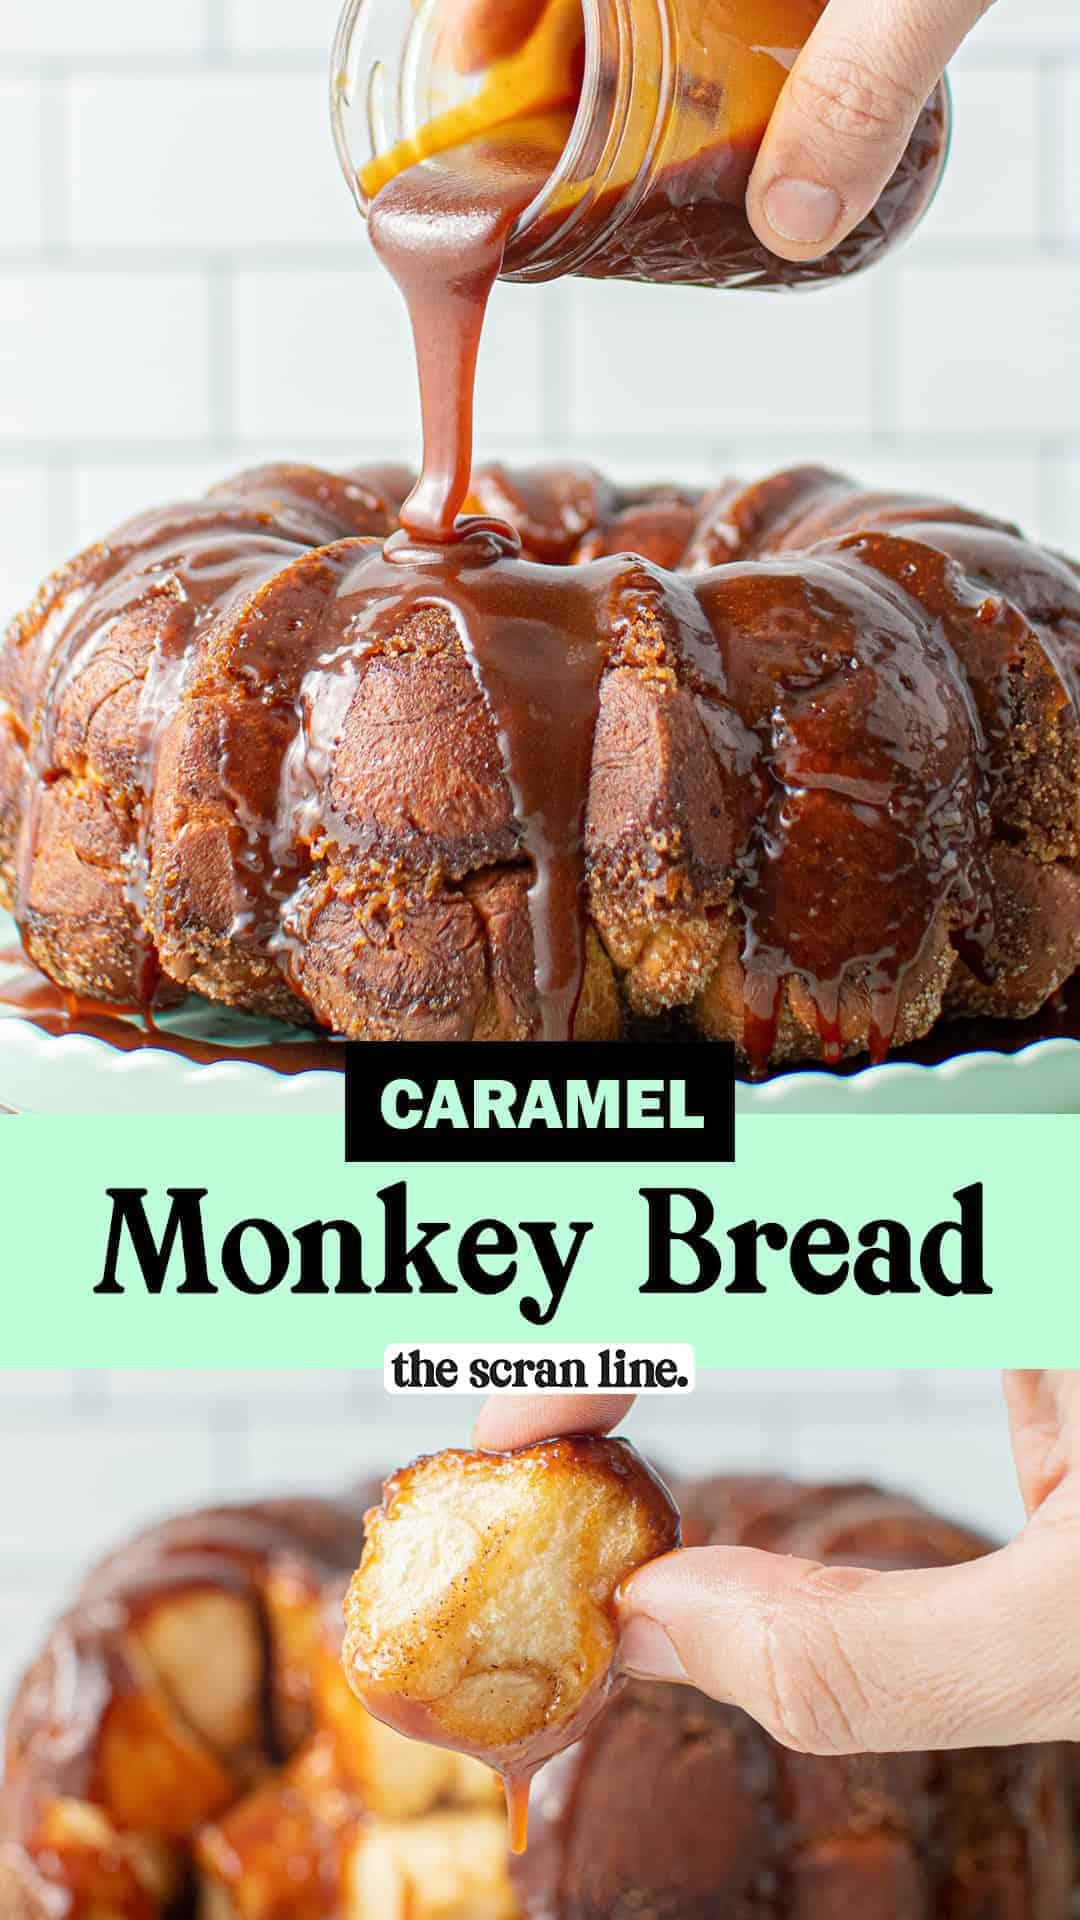 Pinterest image for Caramel Monkey Bread